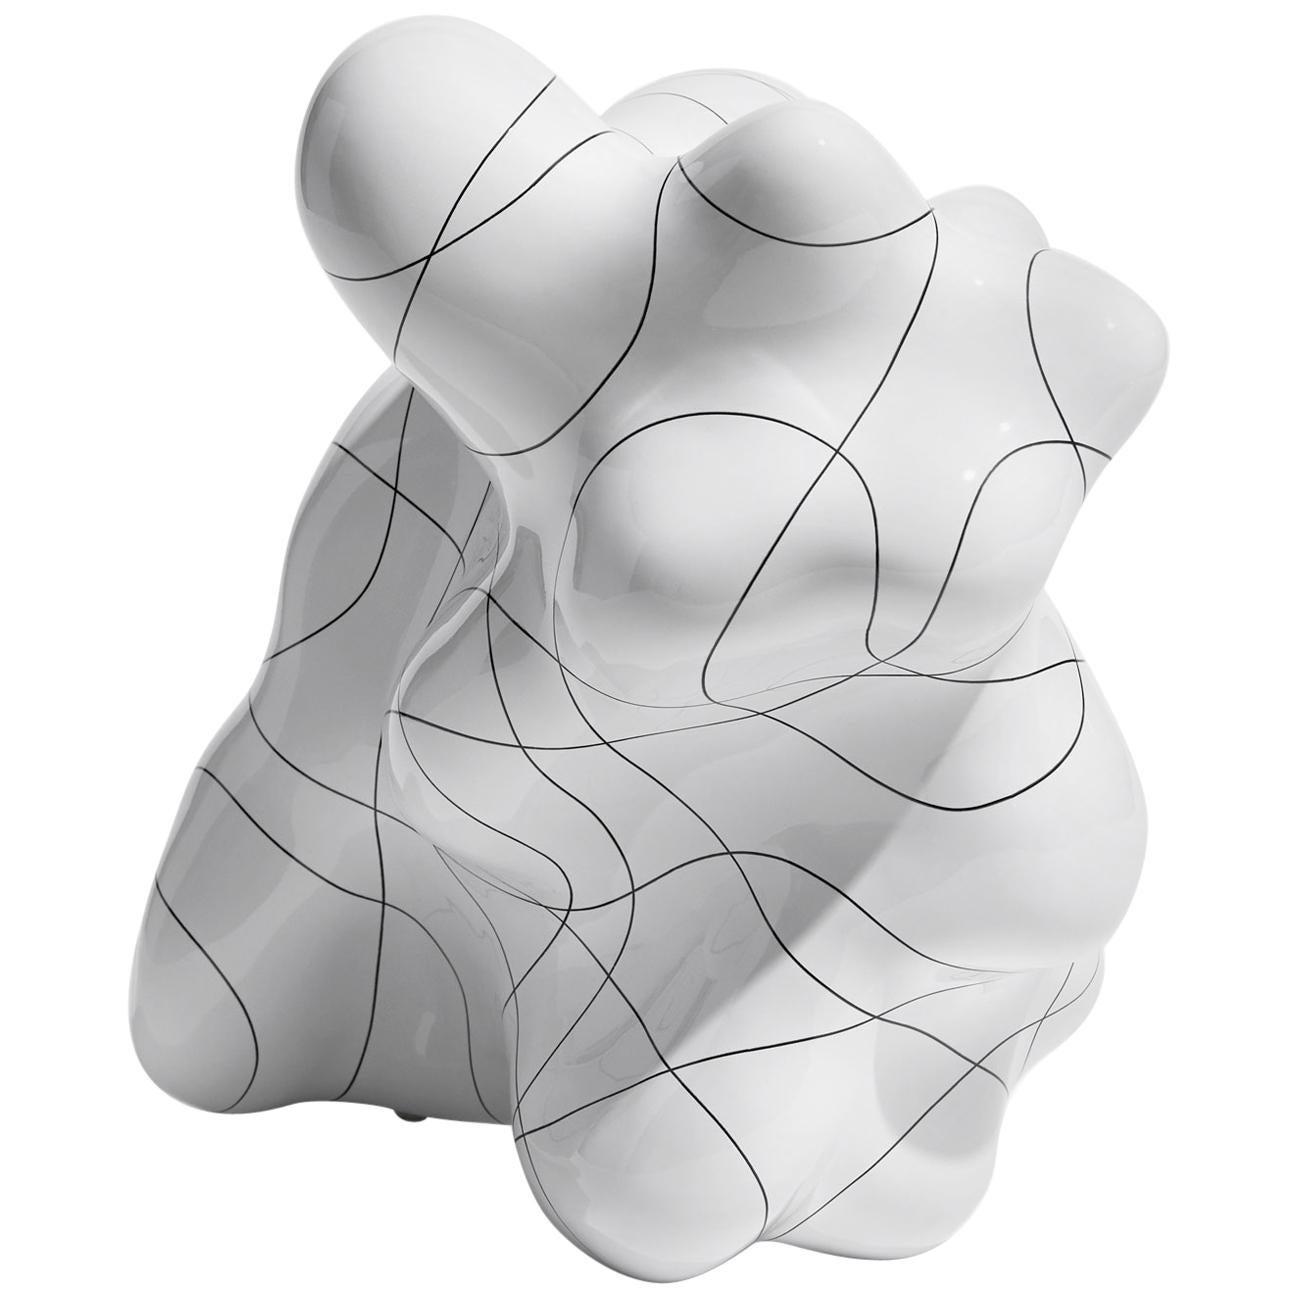 White Contemporary Ceramic Sculpture by Steen Ipsen